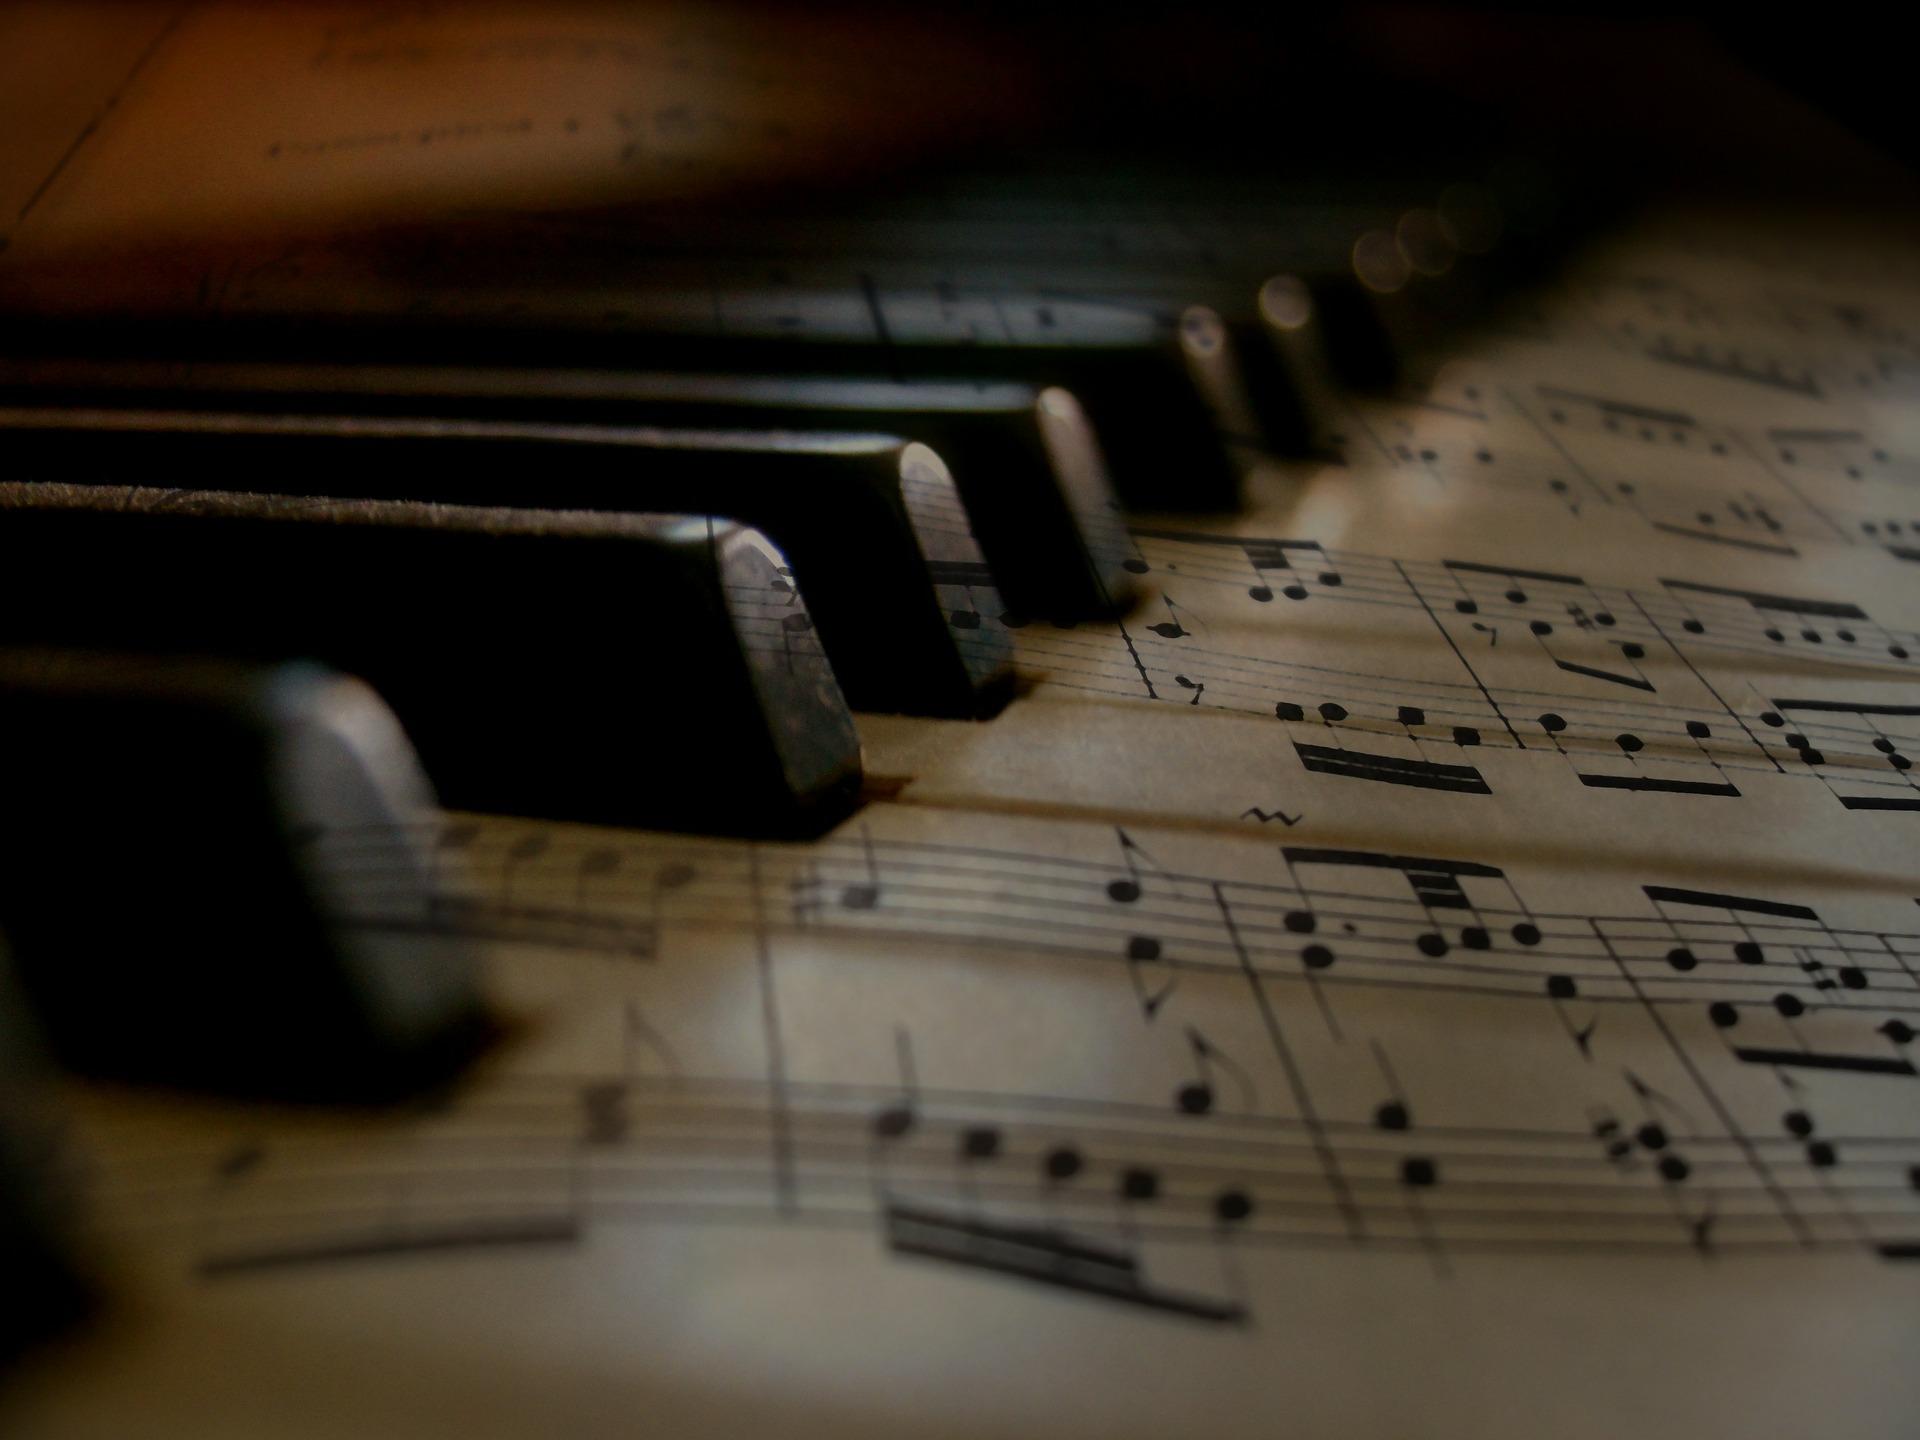 Klaviatur aus Noten